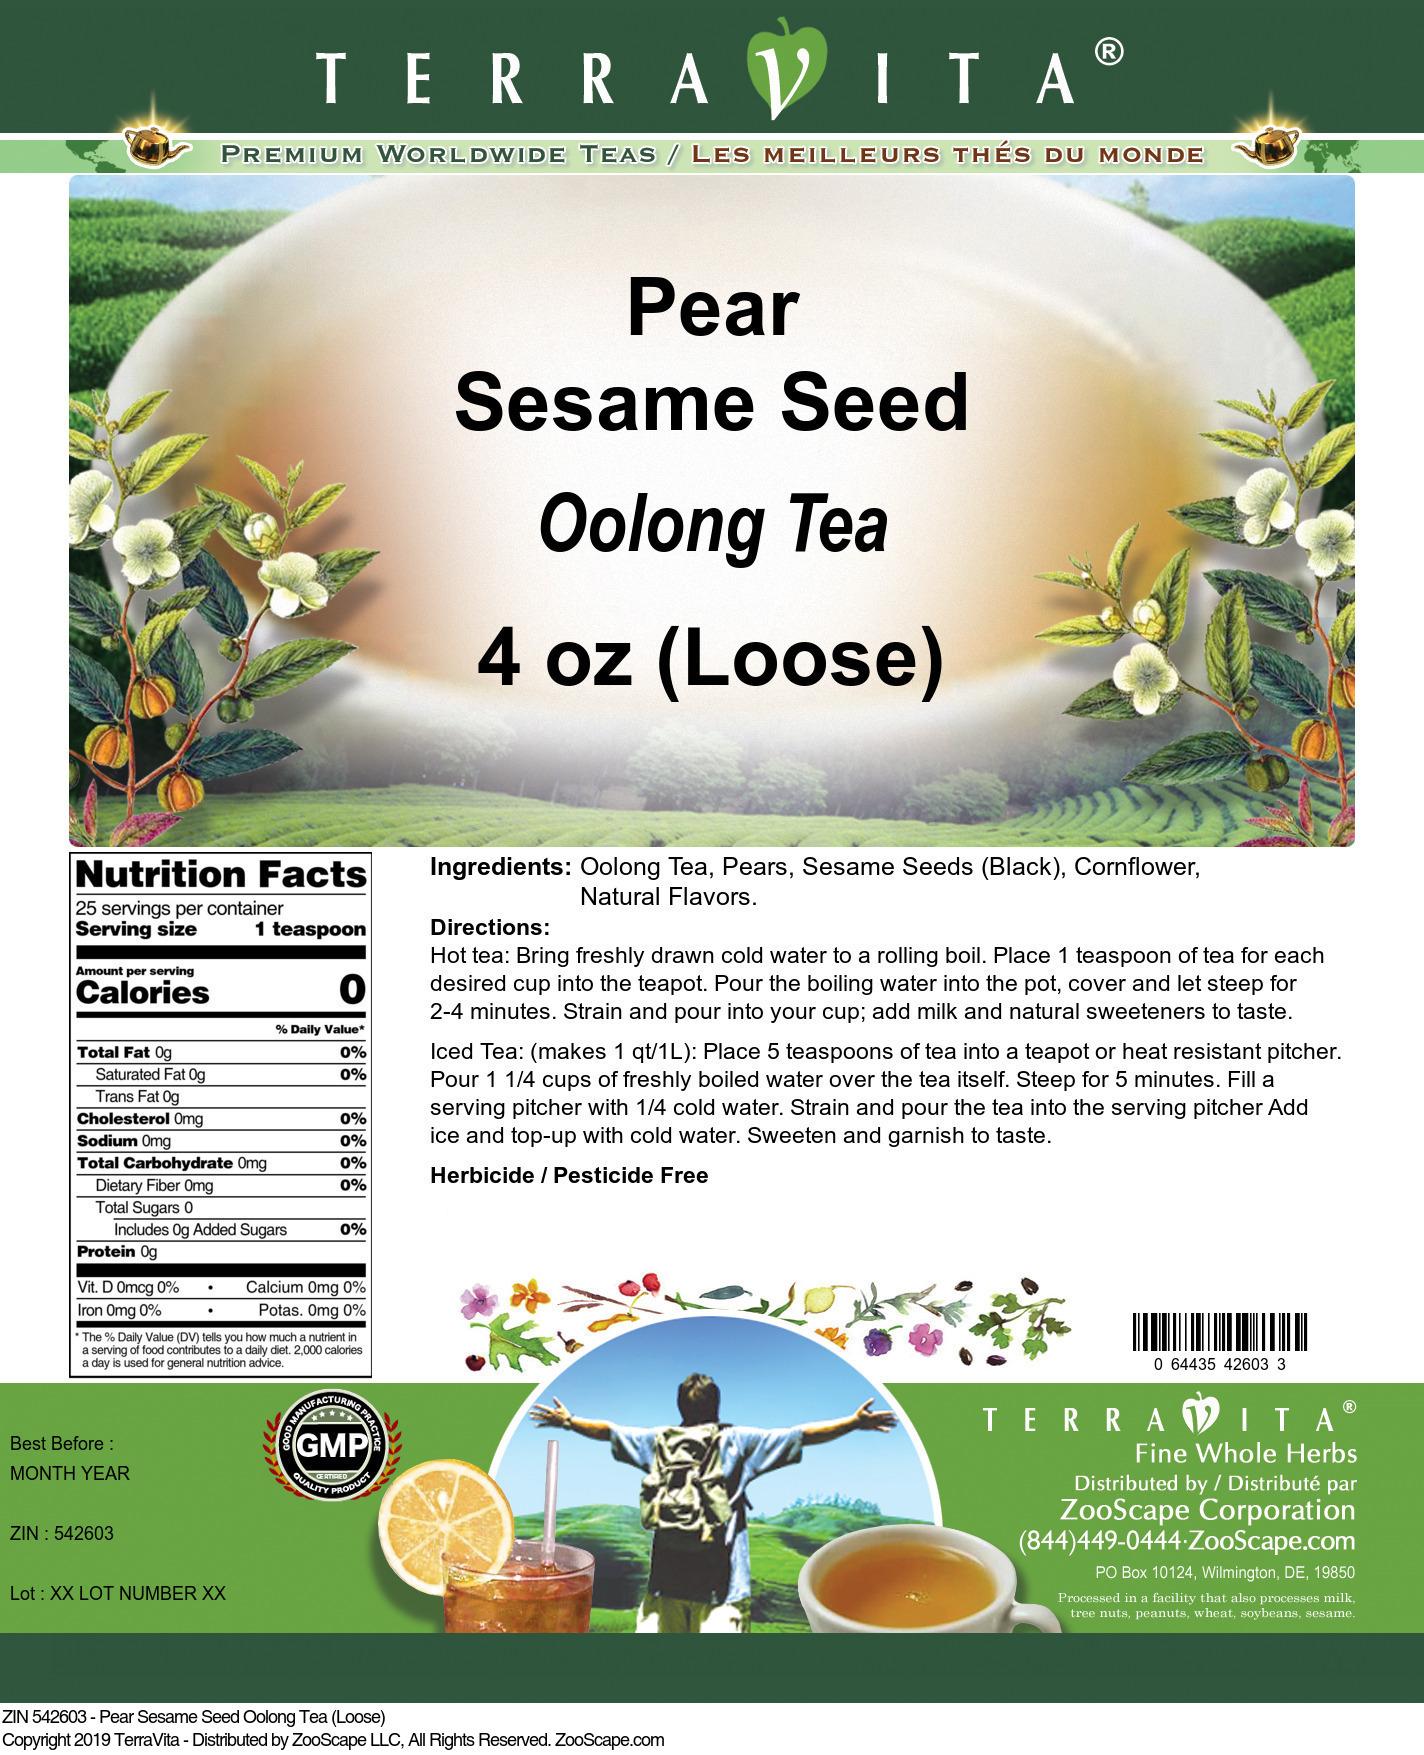 Pear Sesame Seed Oolong Tea